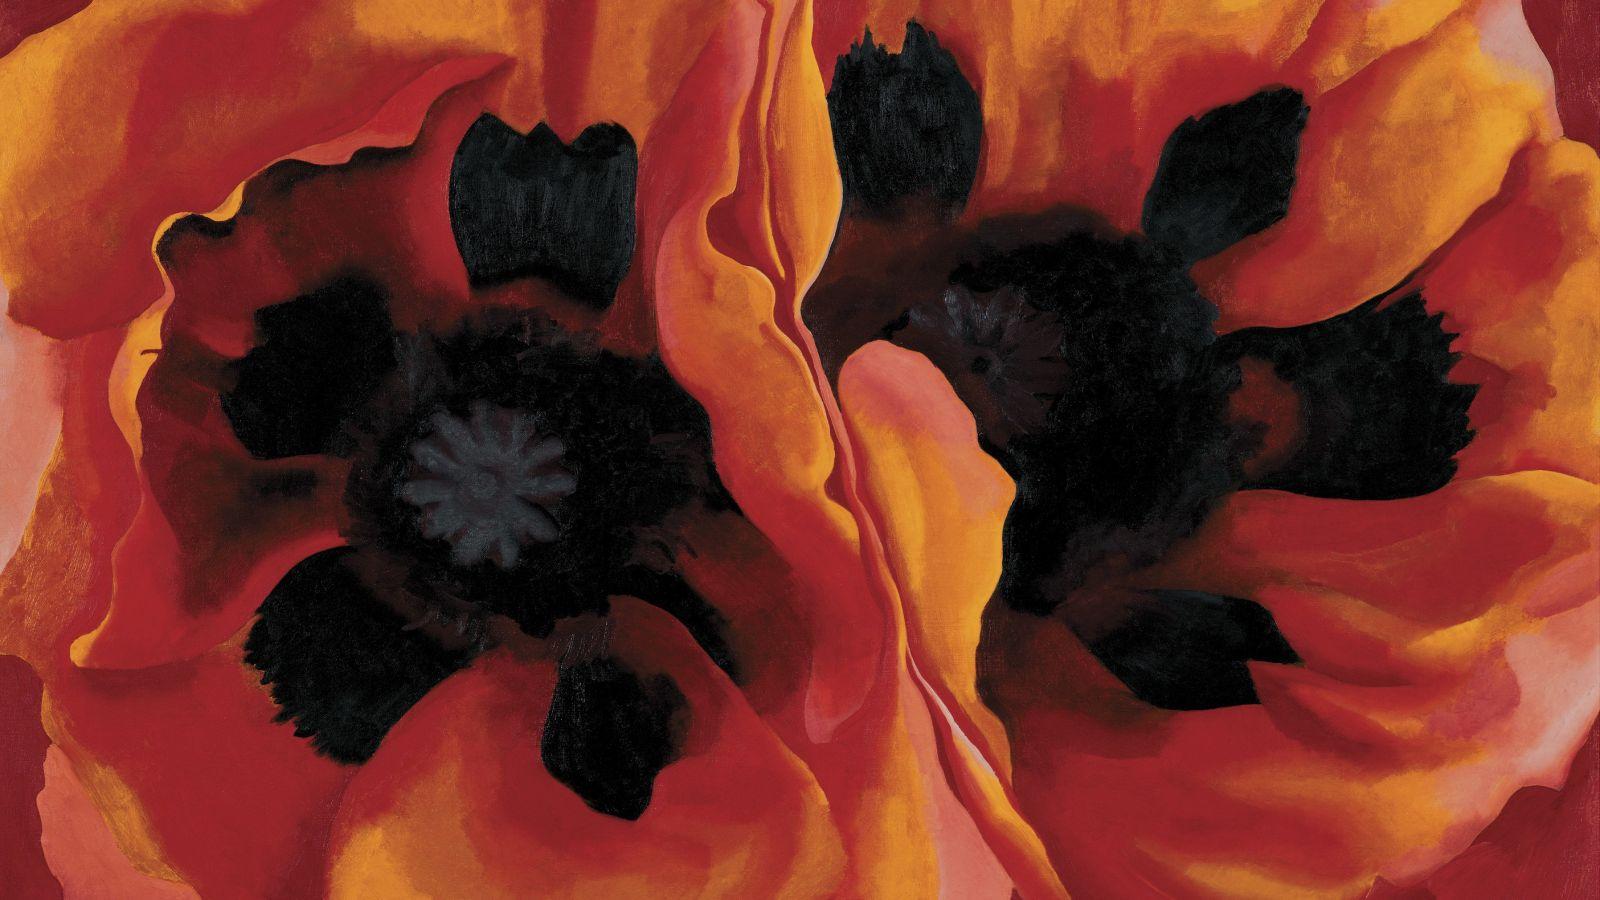 Πρωτομαγιά: O μήνας των λουλουδιών μέσα από τα μάτια μεγάλων εικαστικών [pics]